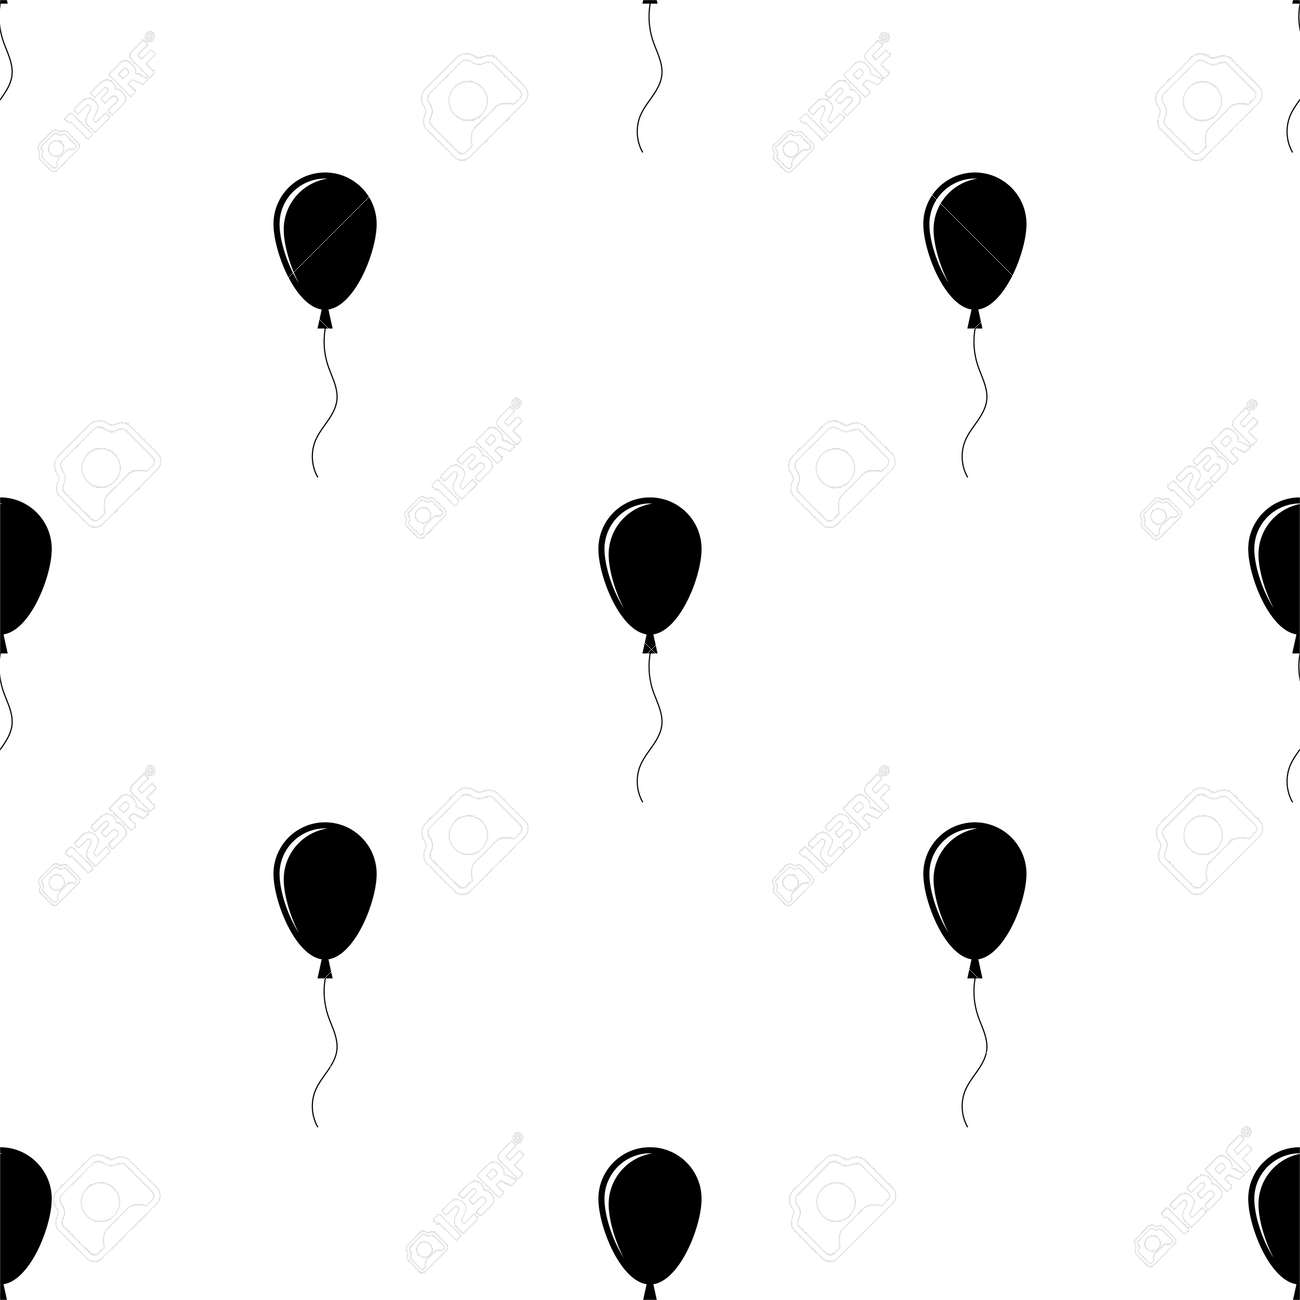 Balloon Design Seamless Pattern Vector Art Illustration - 149570958